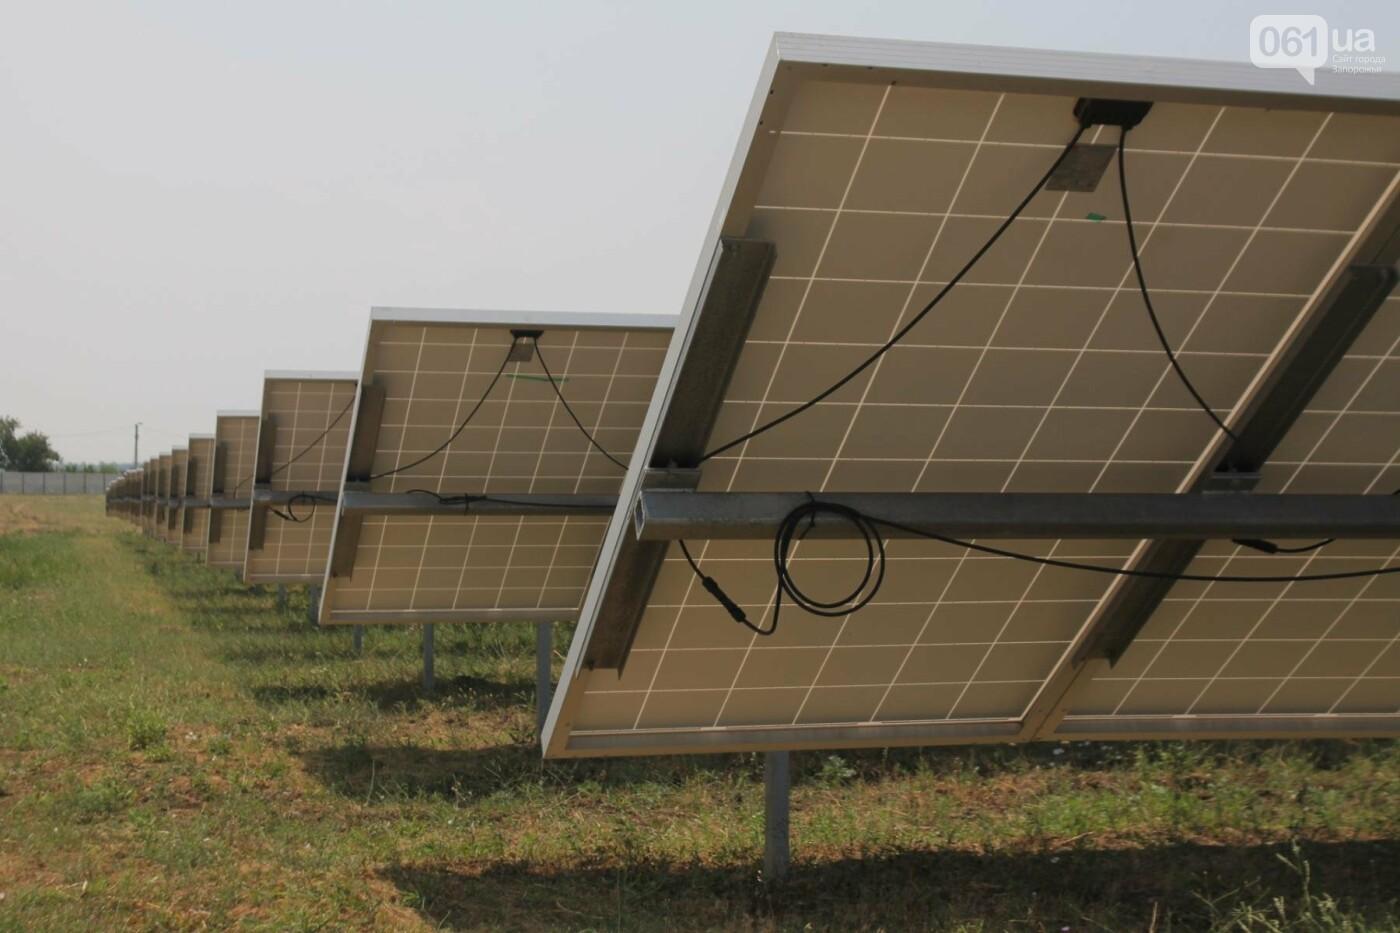 Как в Запорожской области работает крупнейшая в Украине солнечная станция: экскурсия на производство, — ФОТОРЕПОРТАЖ, фото-11